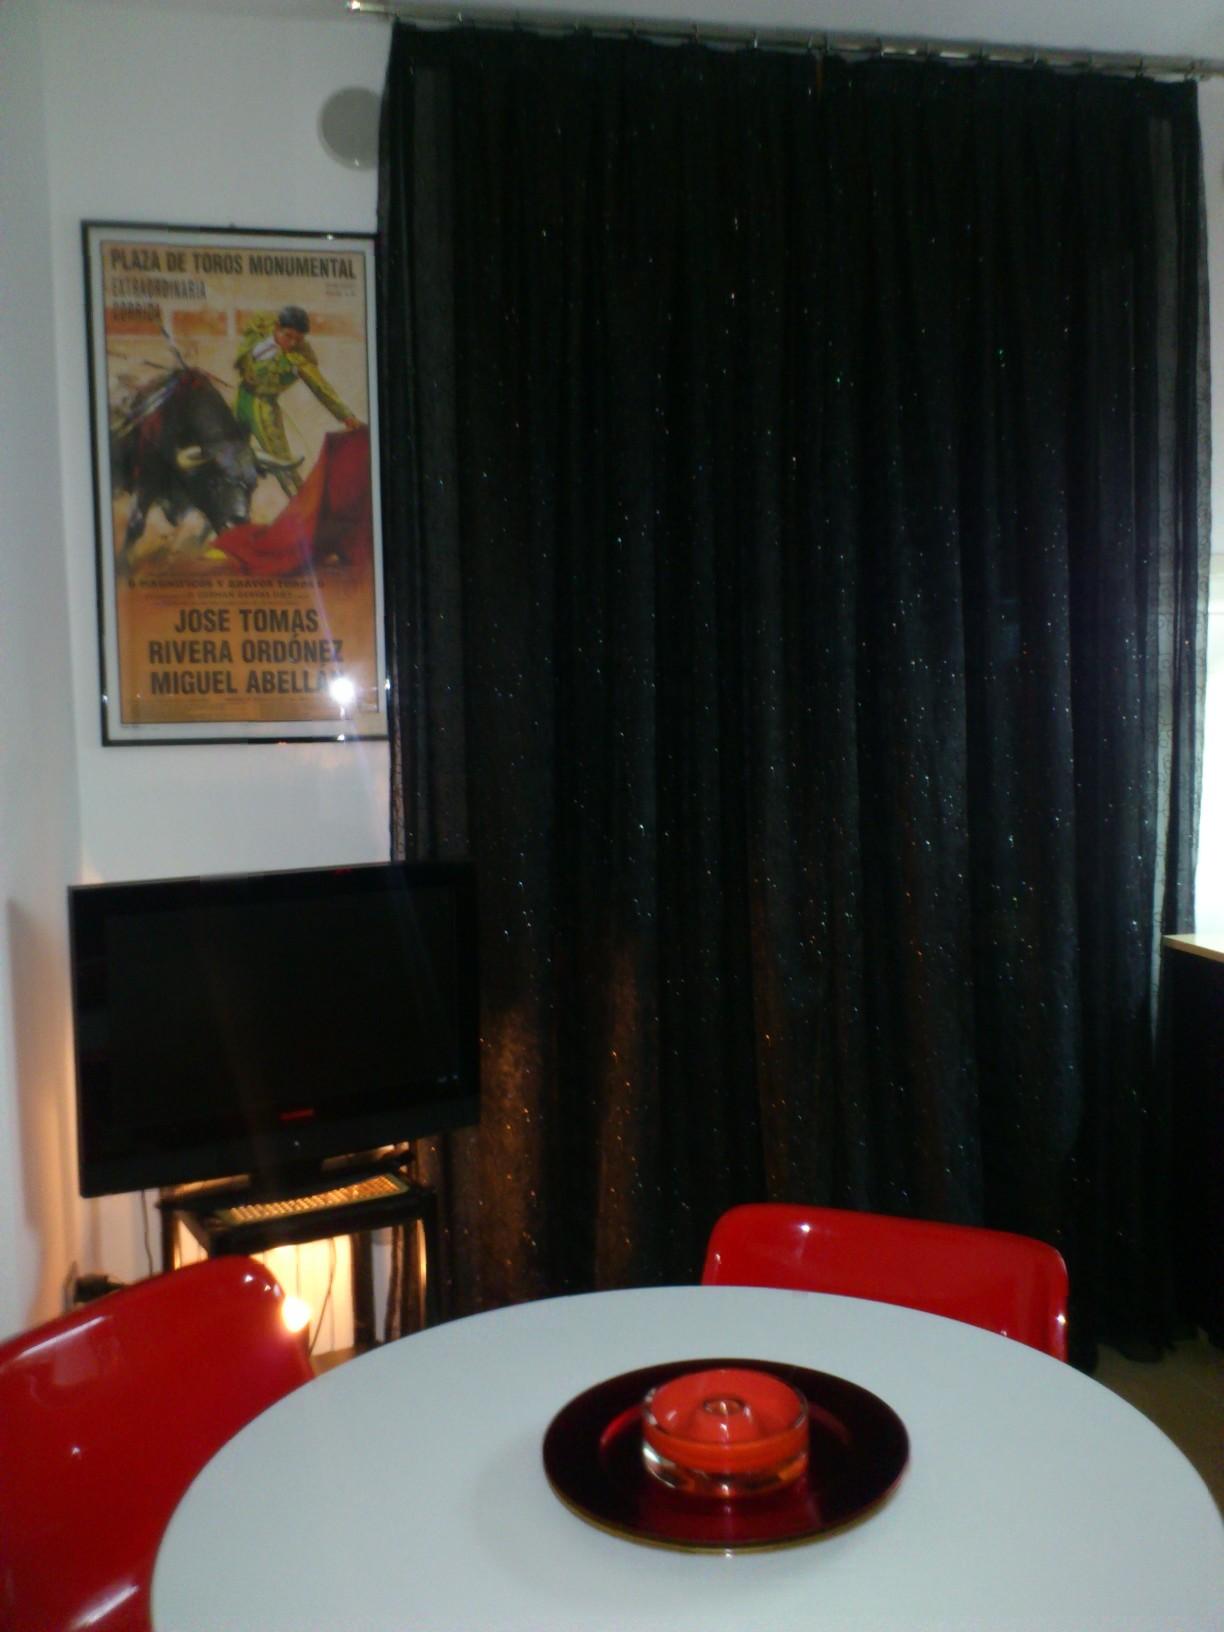 tende verona - tenda tradizionale ricamata su fondo nero con innesti Swarovski. Arredamento Mariano negozio tende e tessuti verona